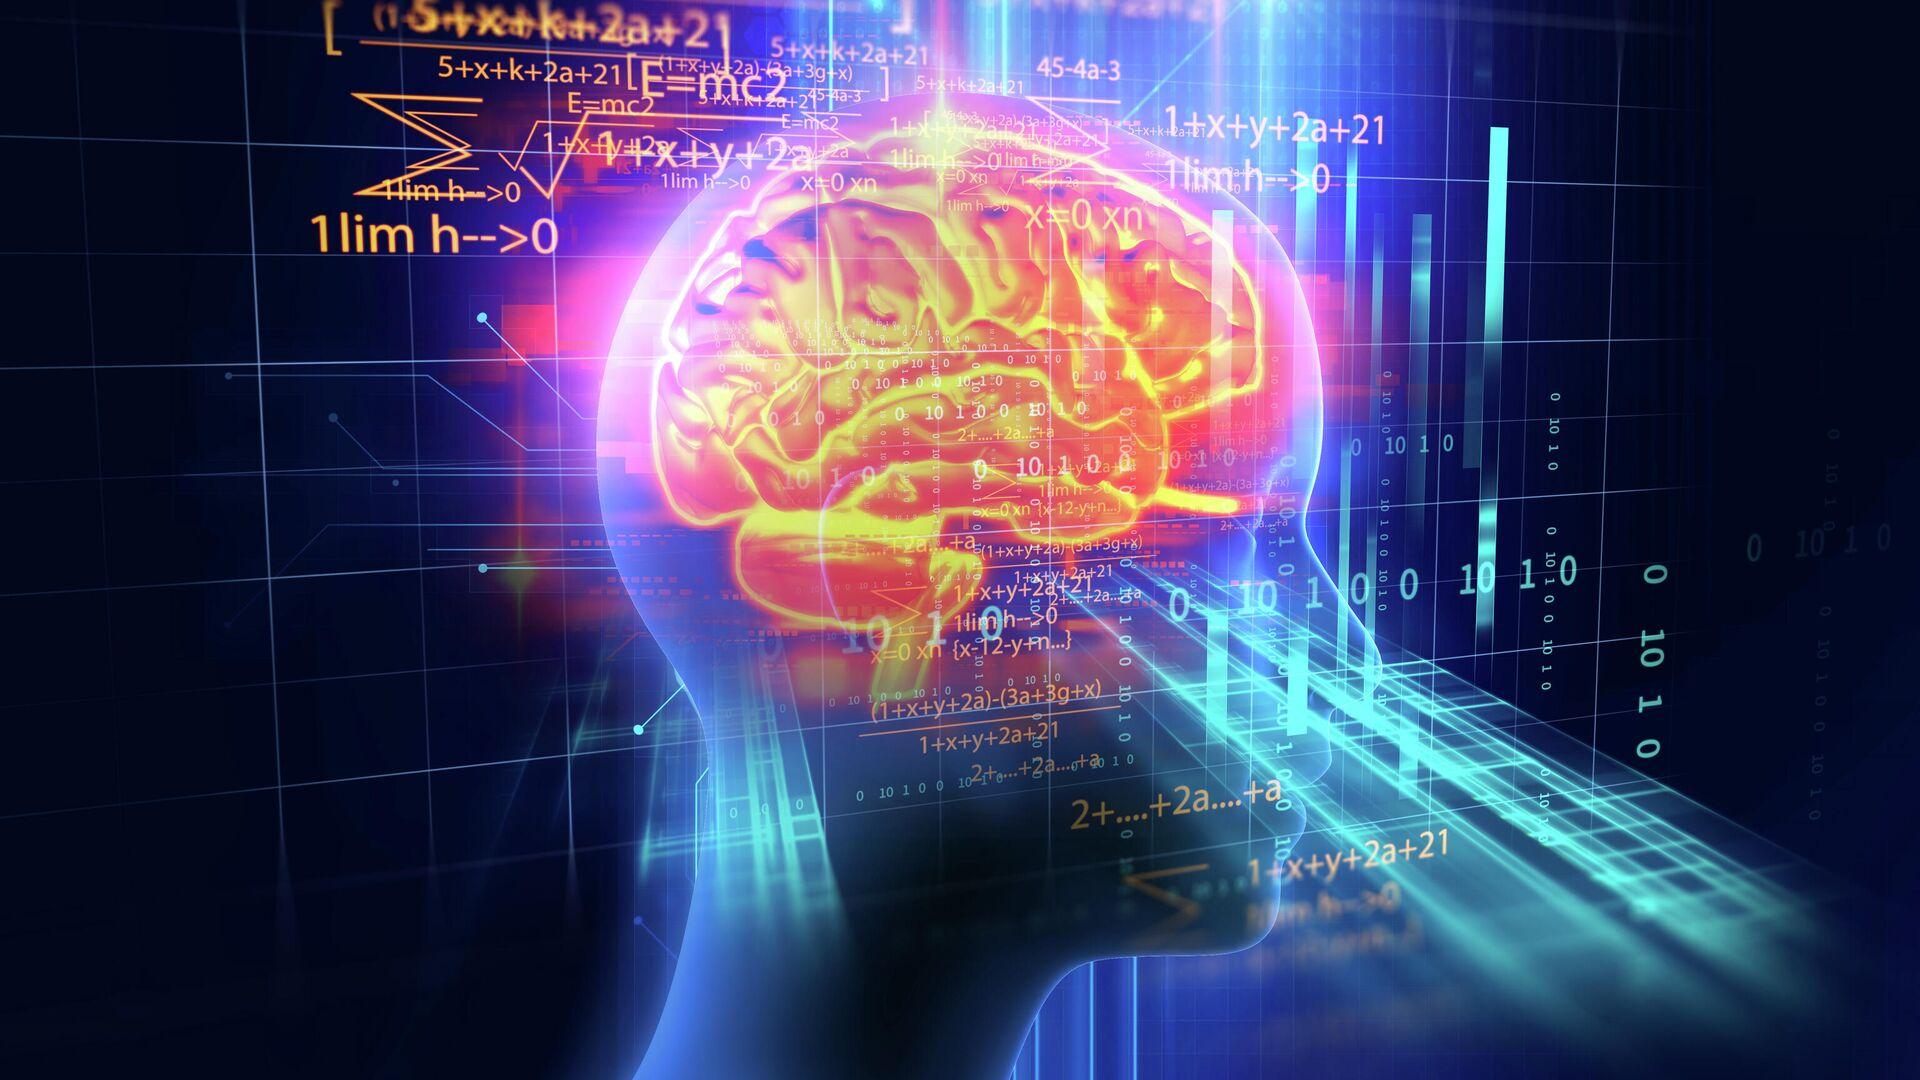 3d-модель мозга человека  - РИА Новости, 1920, 06.04.2021